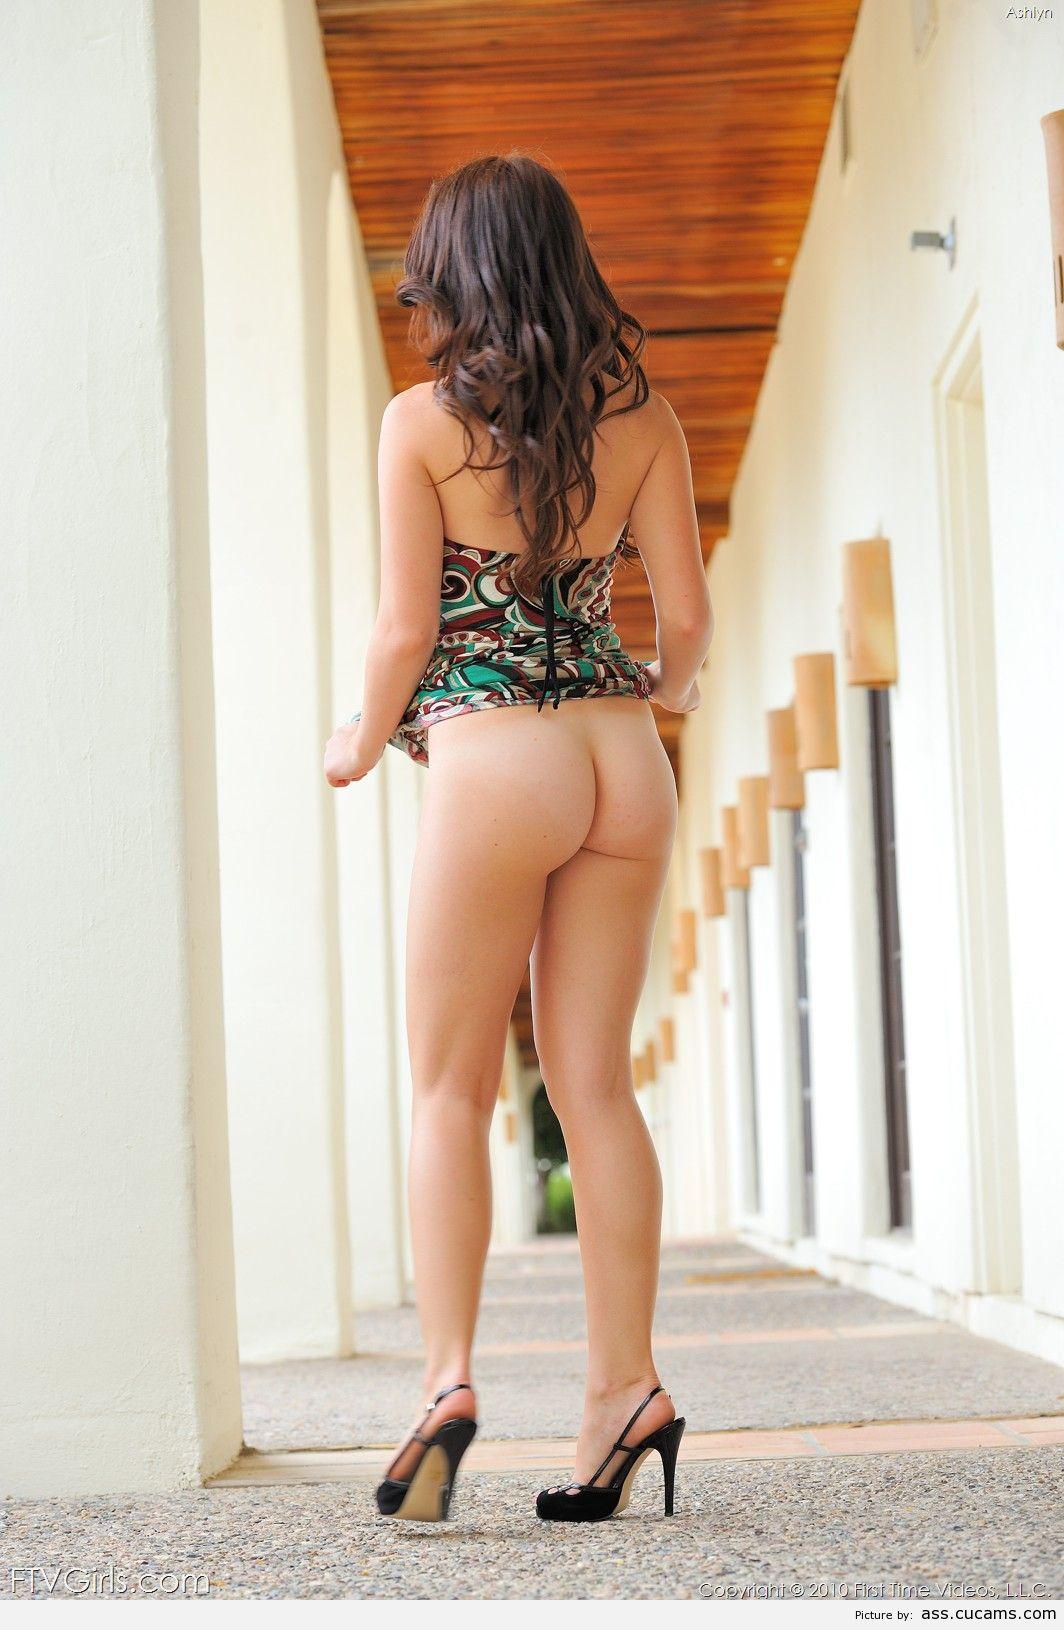 Ass Vintage Girlfriend by ass.cucams.com